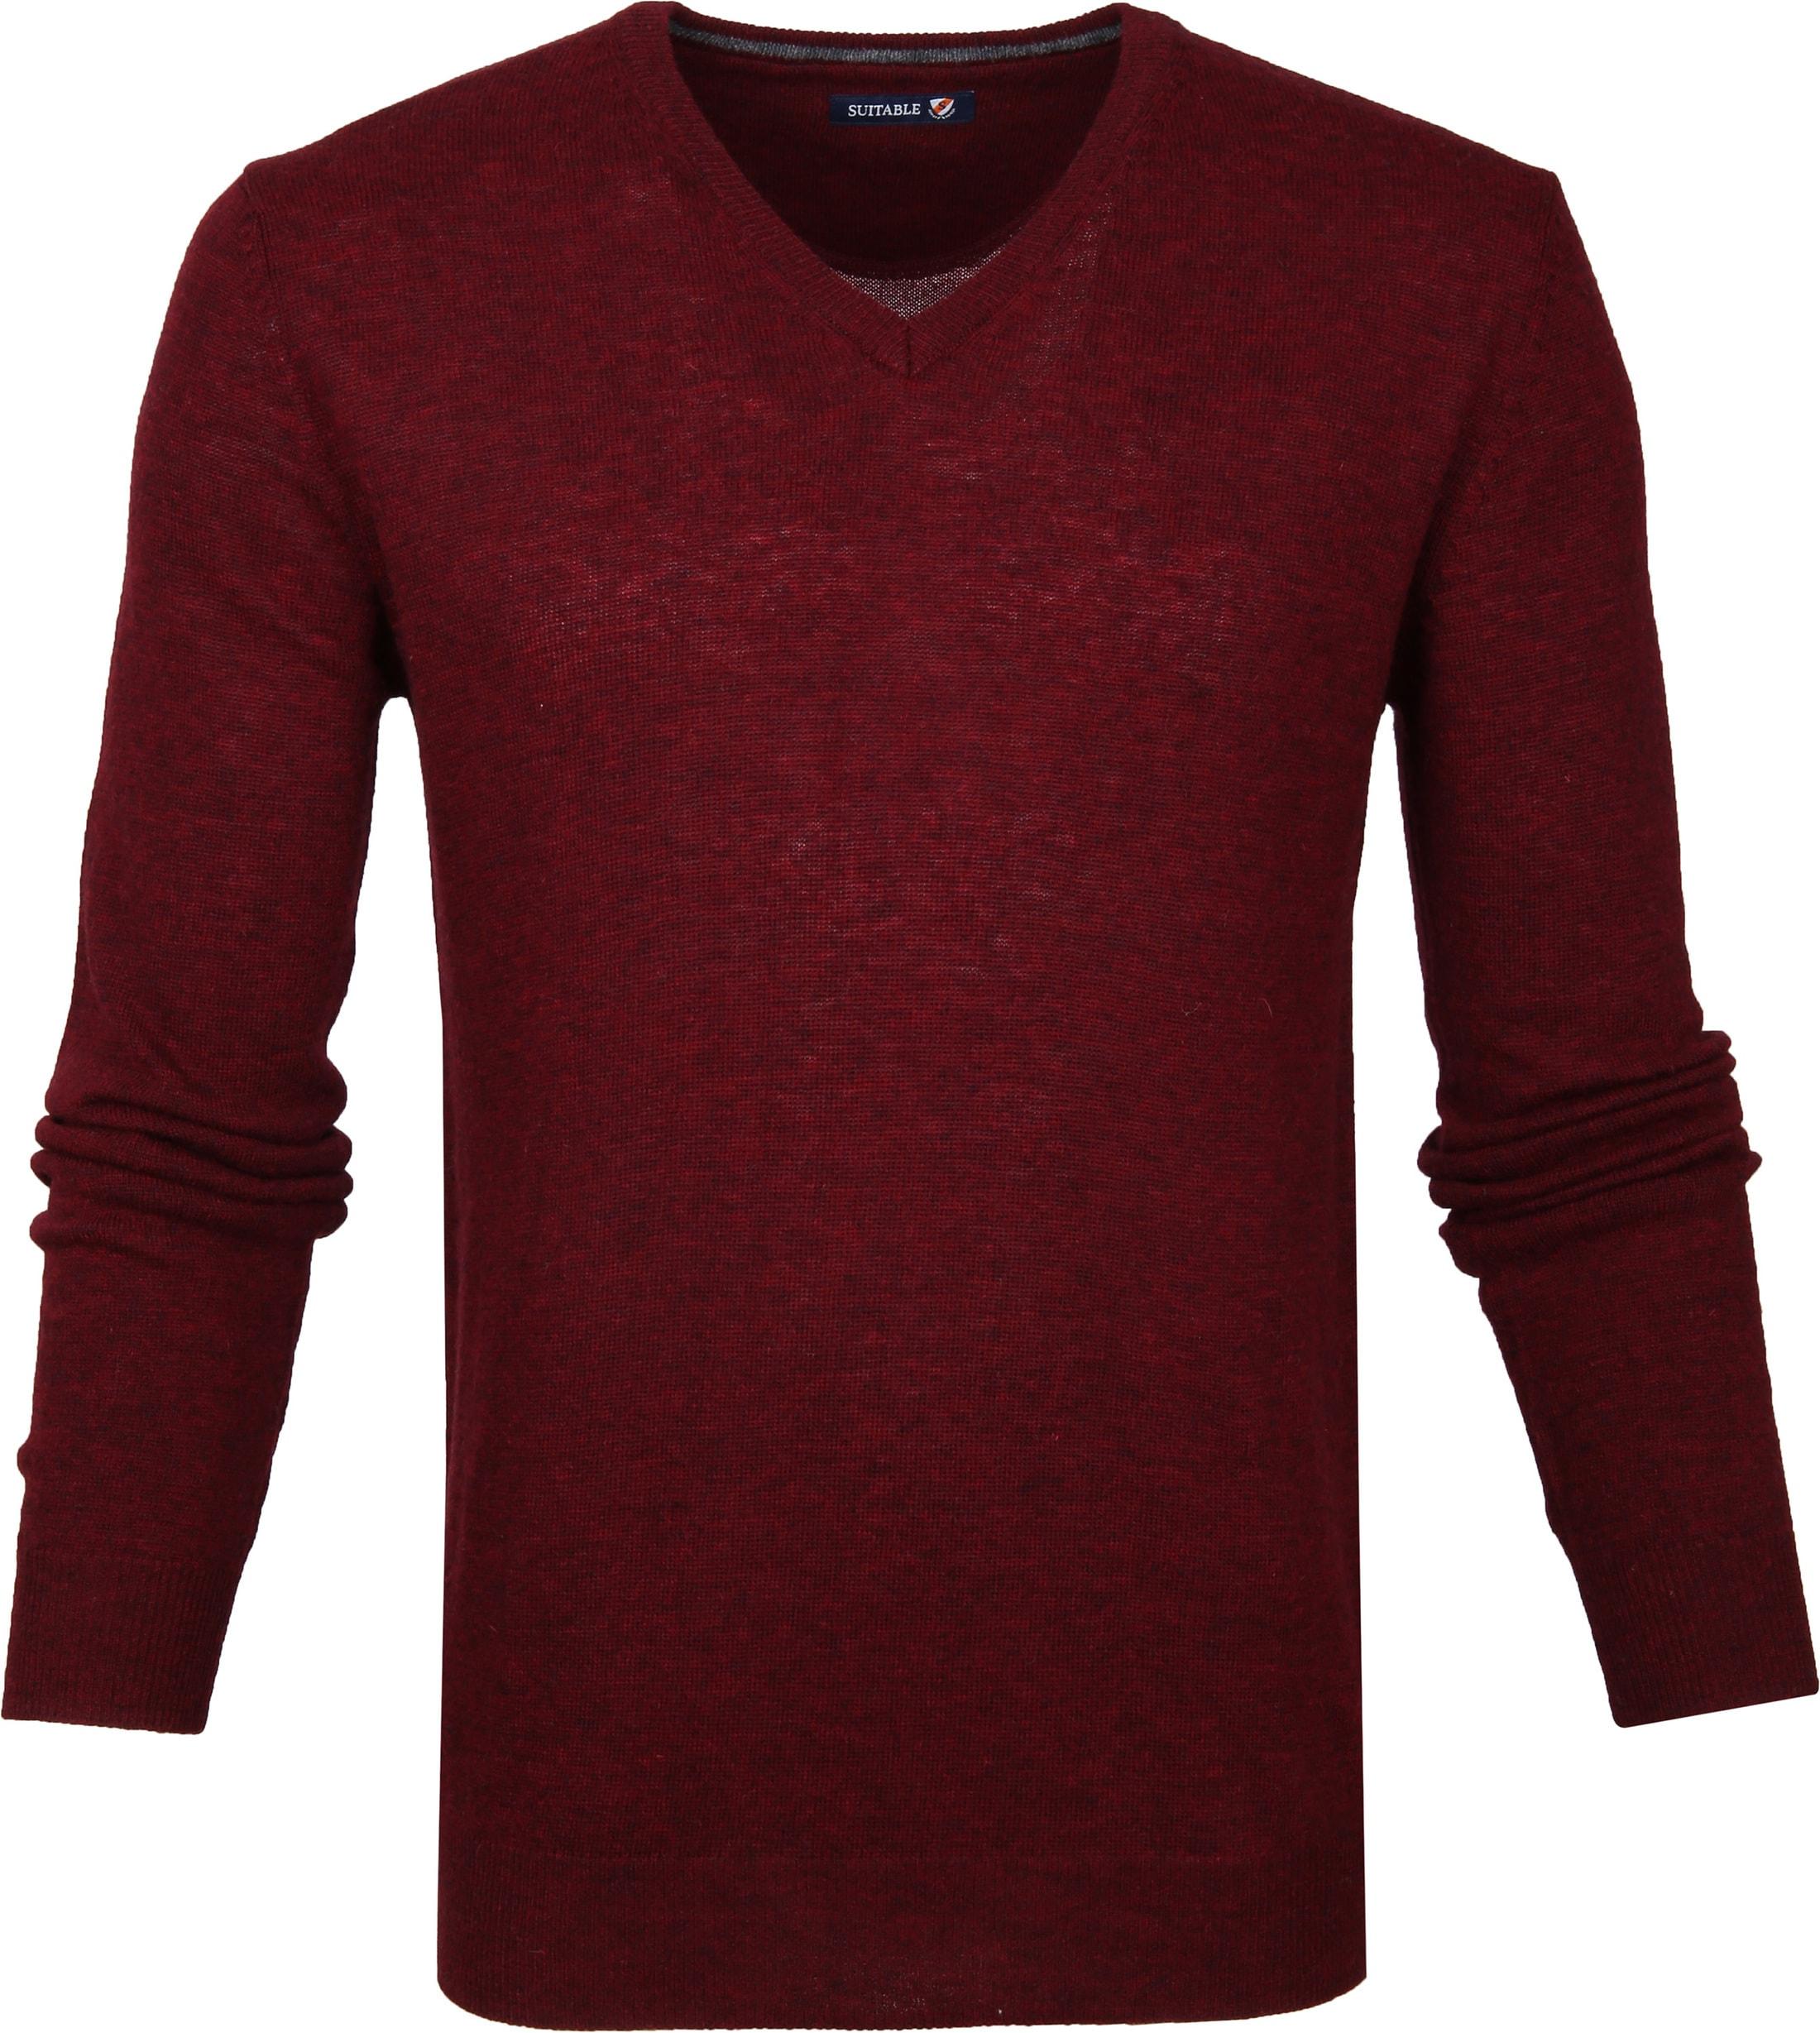 Suitable Pullover V-Hals Lamswol Bordeaux foto 0